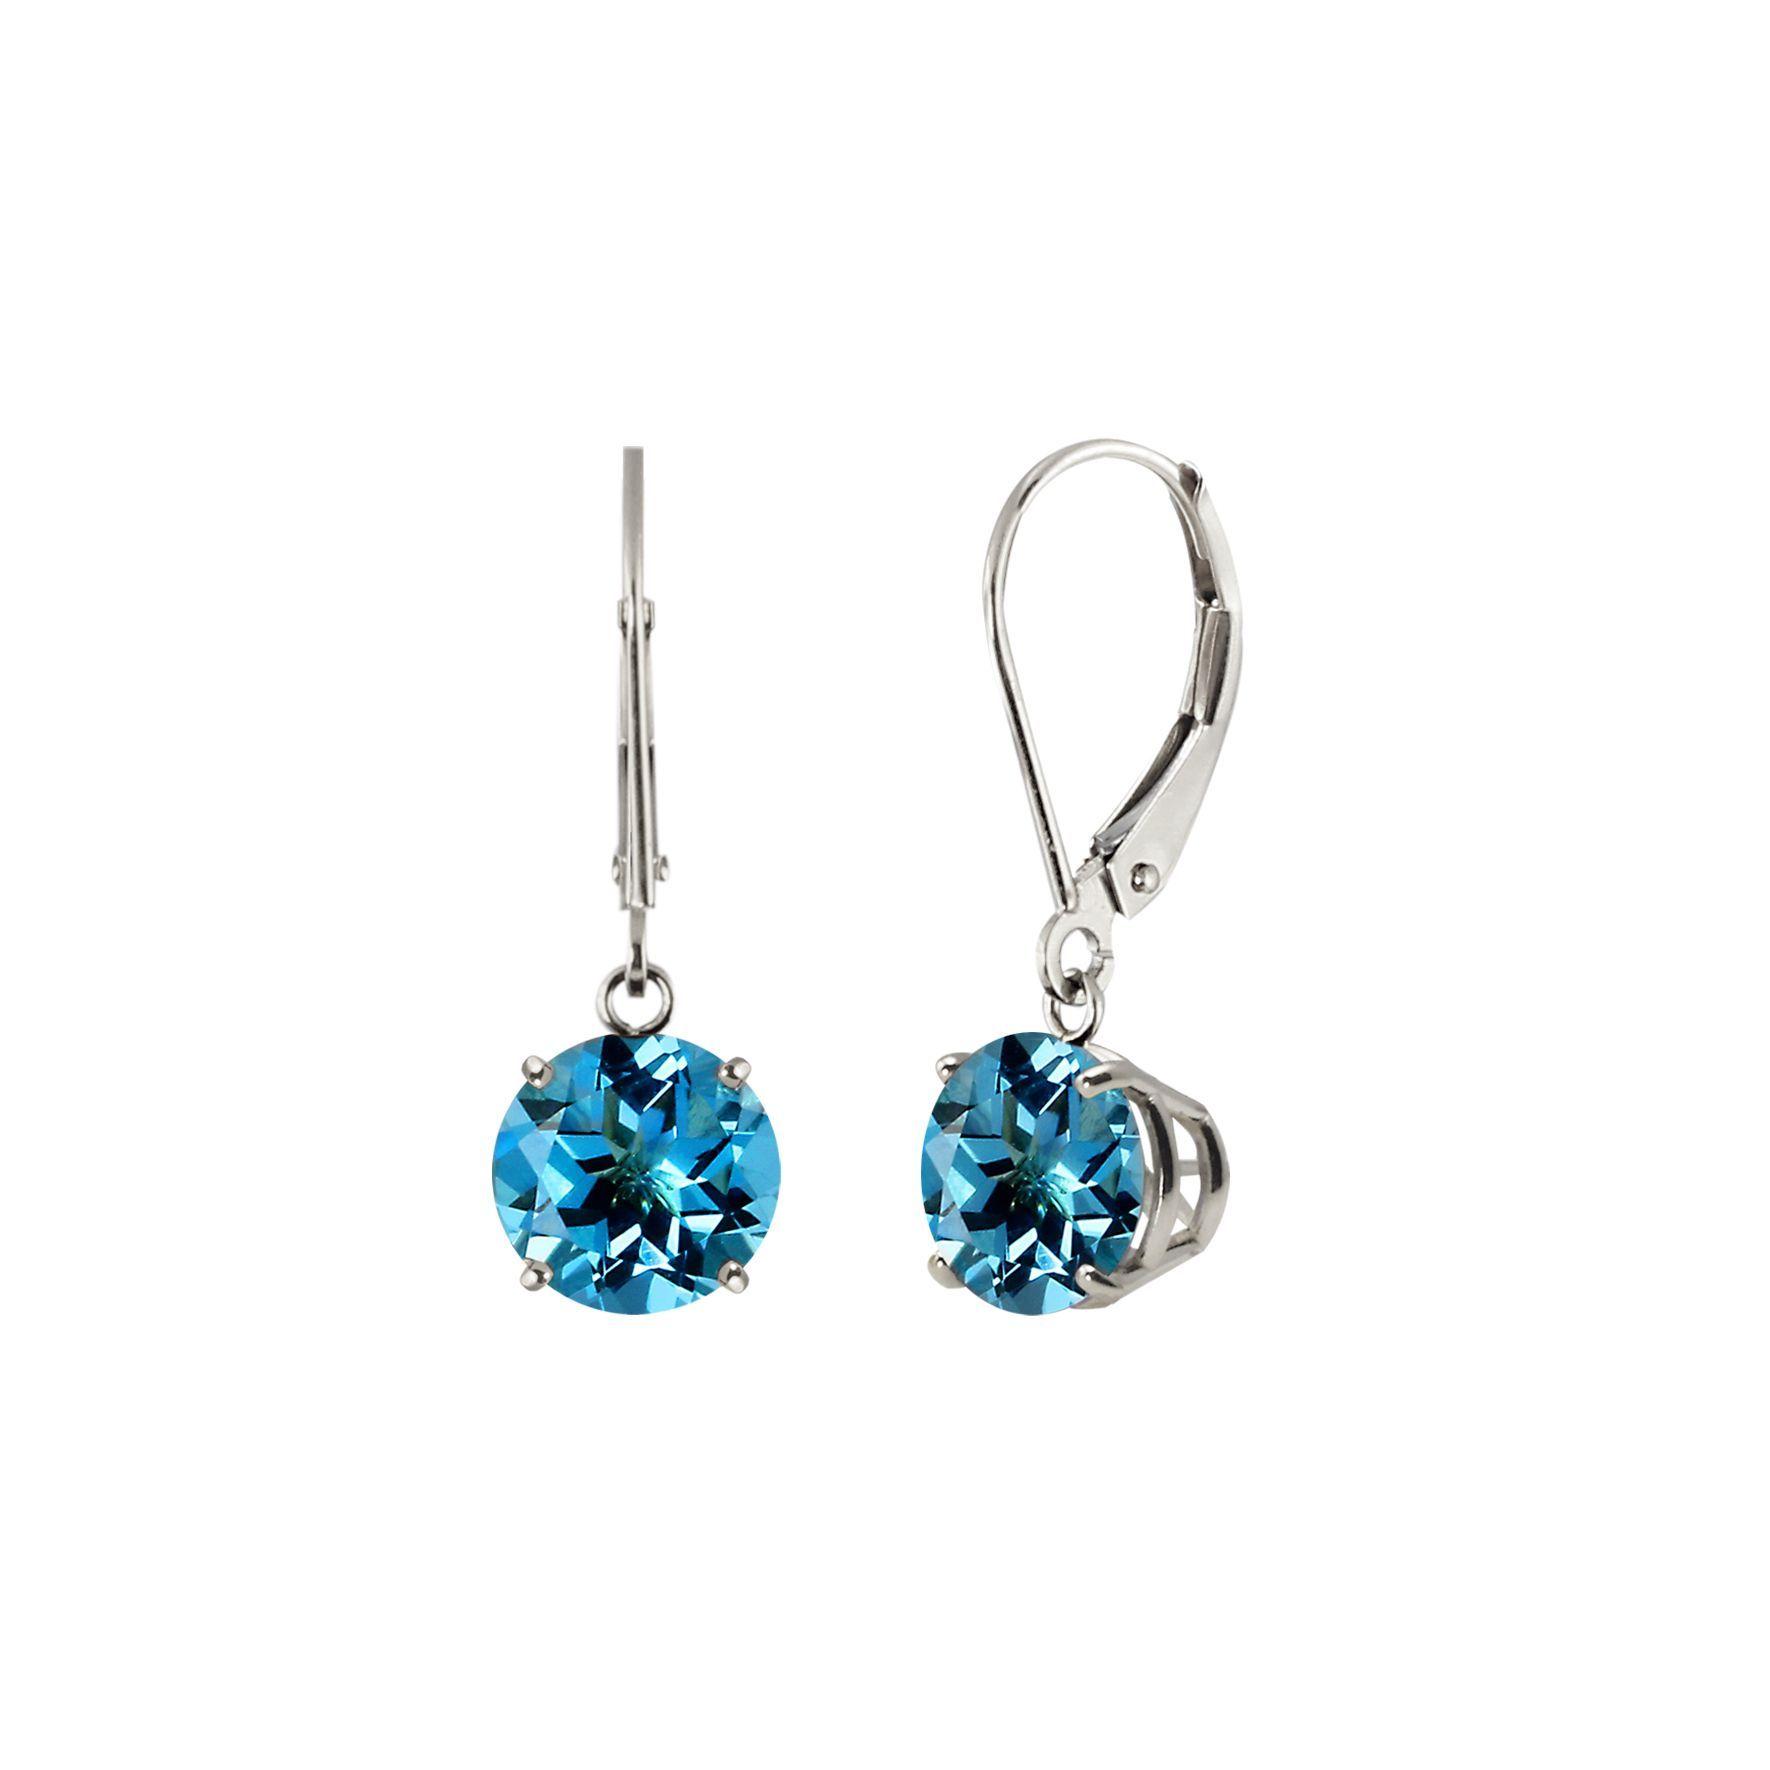 Sterling Silver 8mm Round Swiss Blue Topaz Leverback Dangling Earrings (Swiss Blue Topaz), Women's, Size: Medium